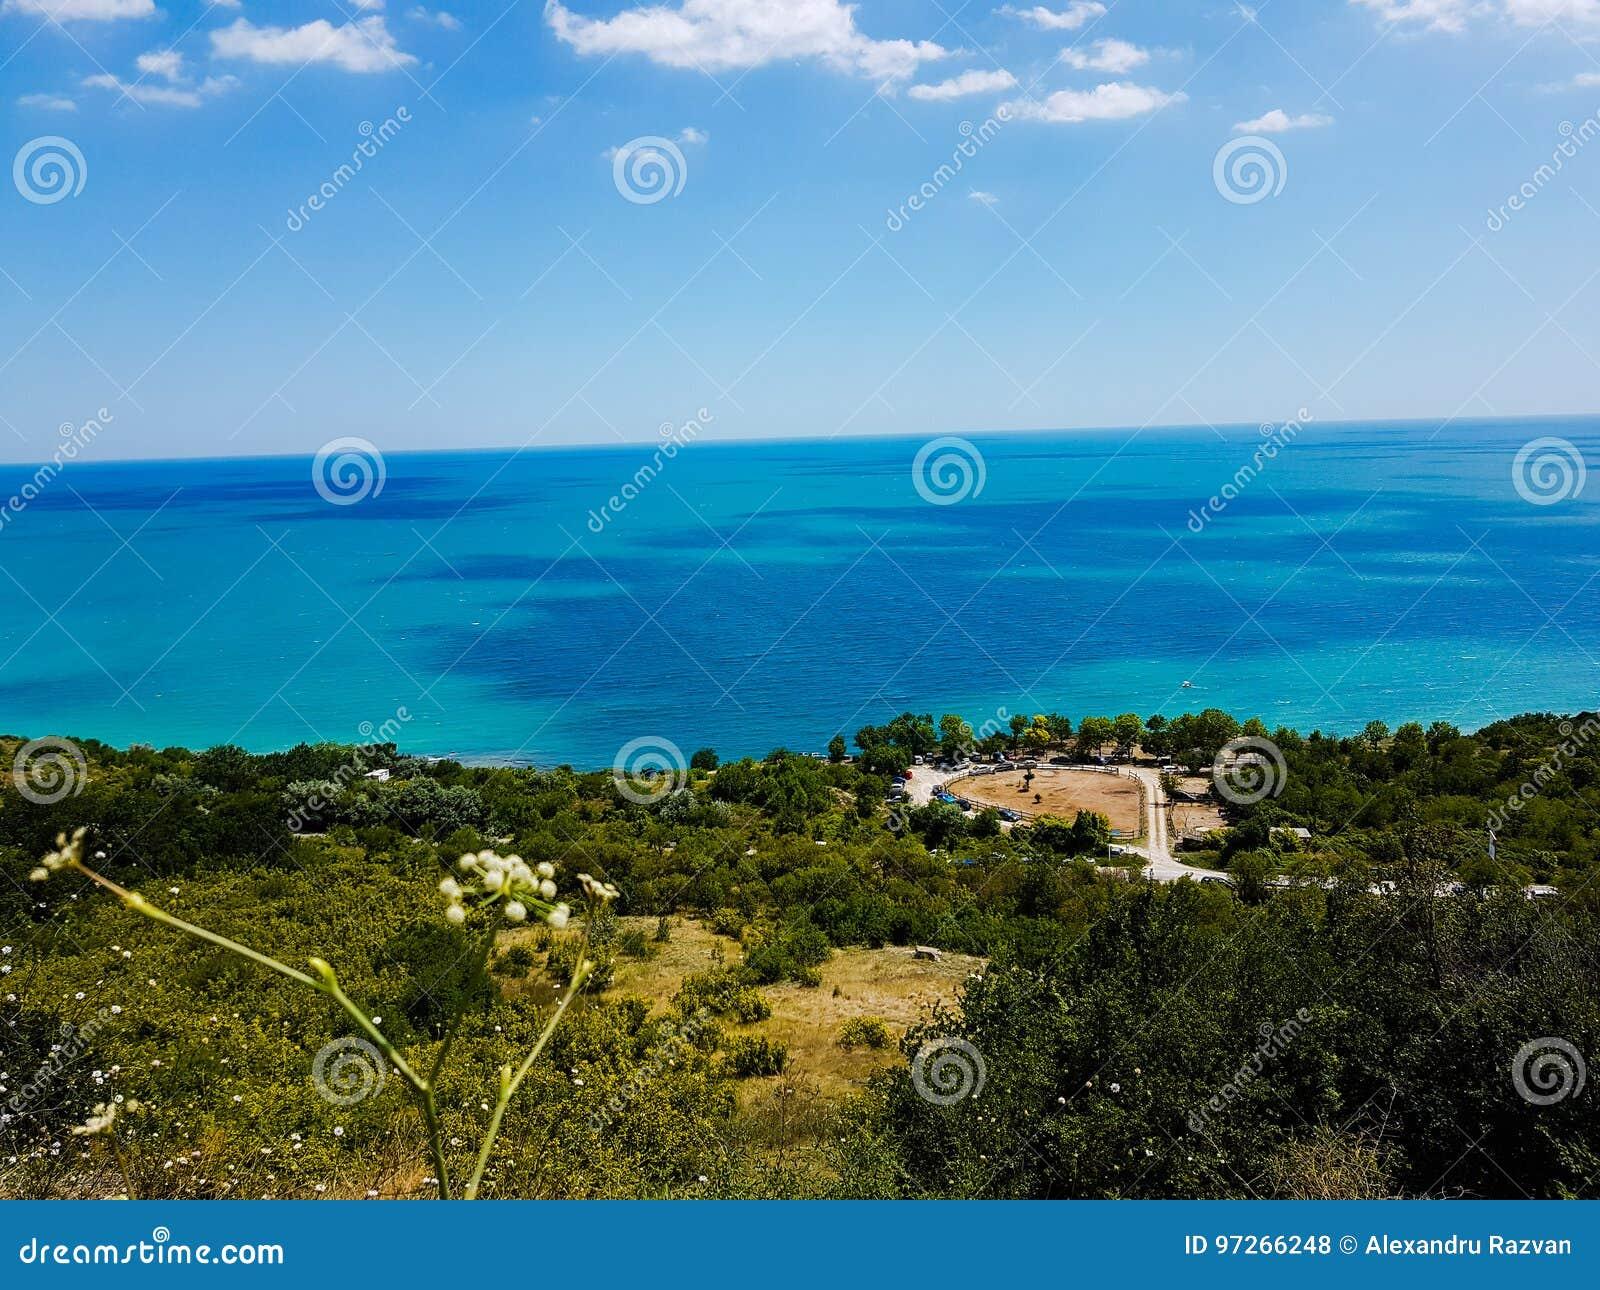 De kust van de Zwarte Zee